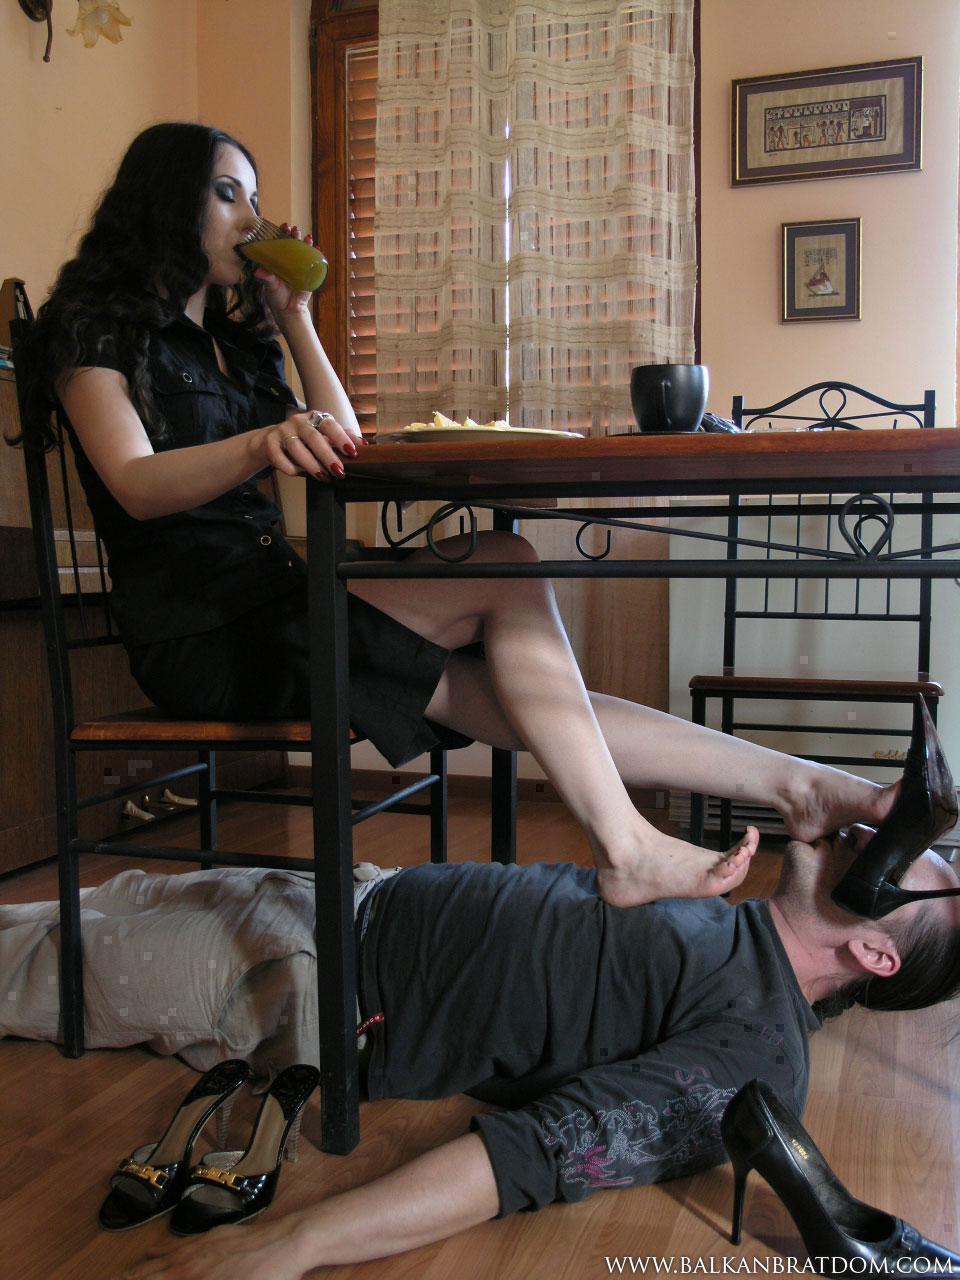 смазываю раб под столом госпожи онлайн тихом месте